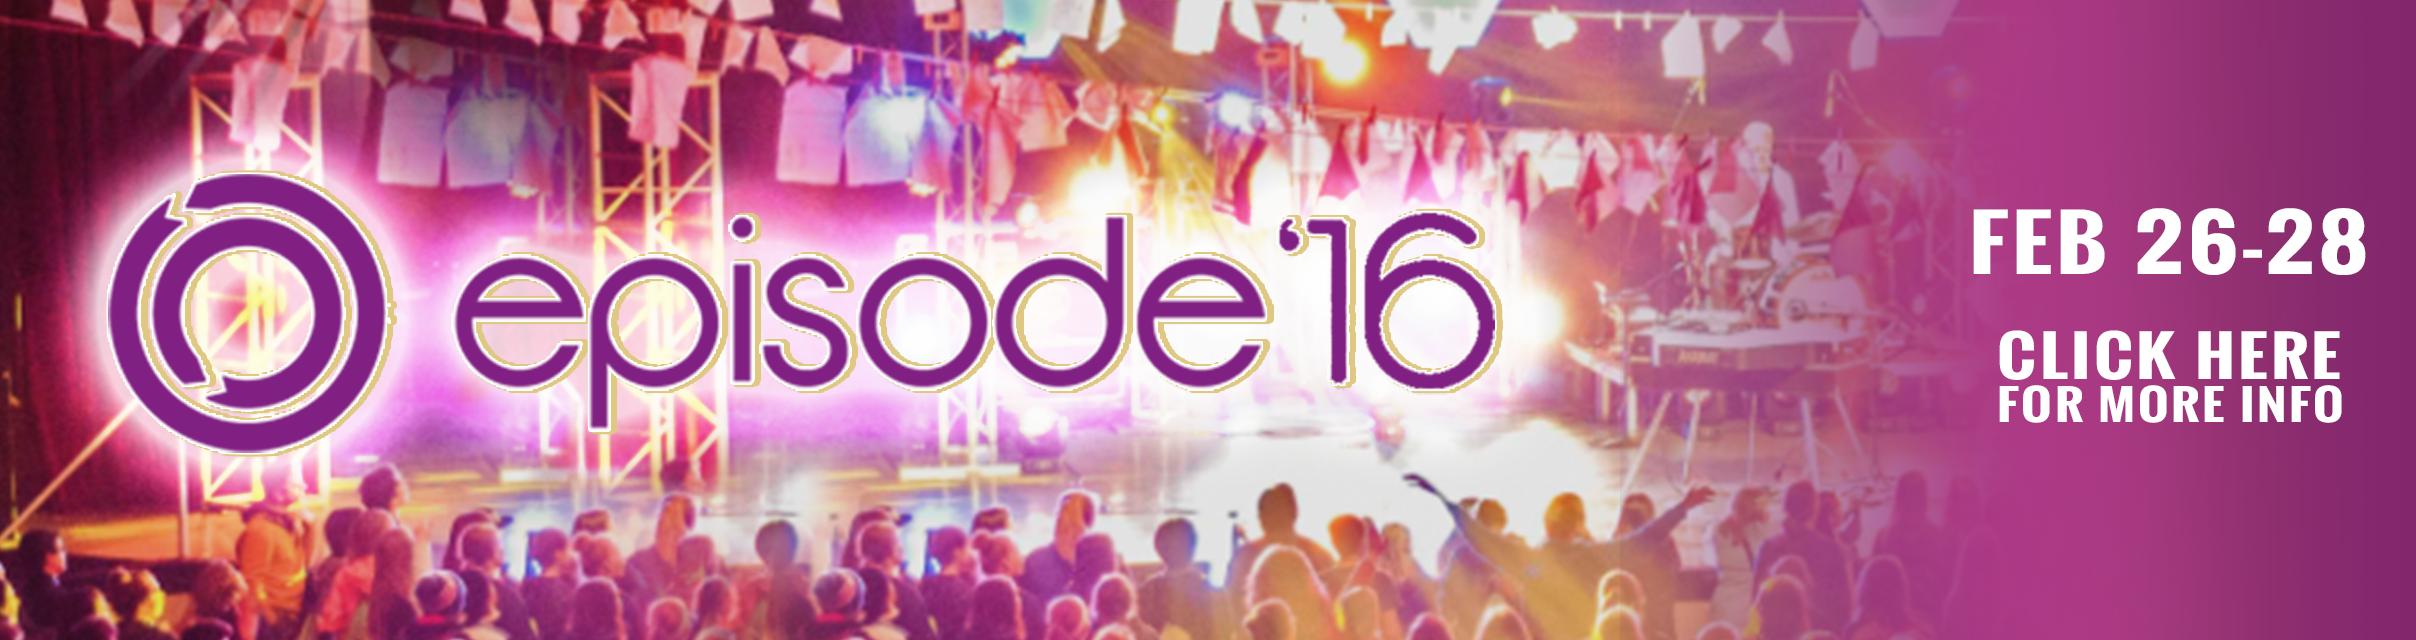 Episode16_WebSlider